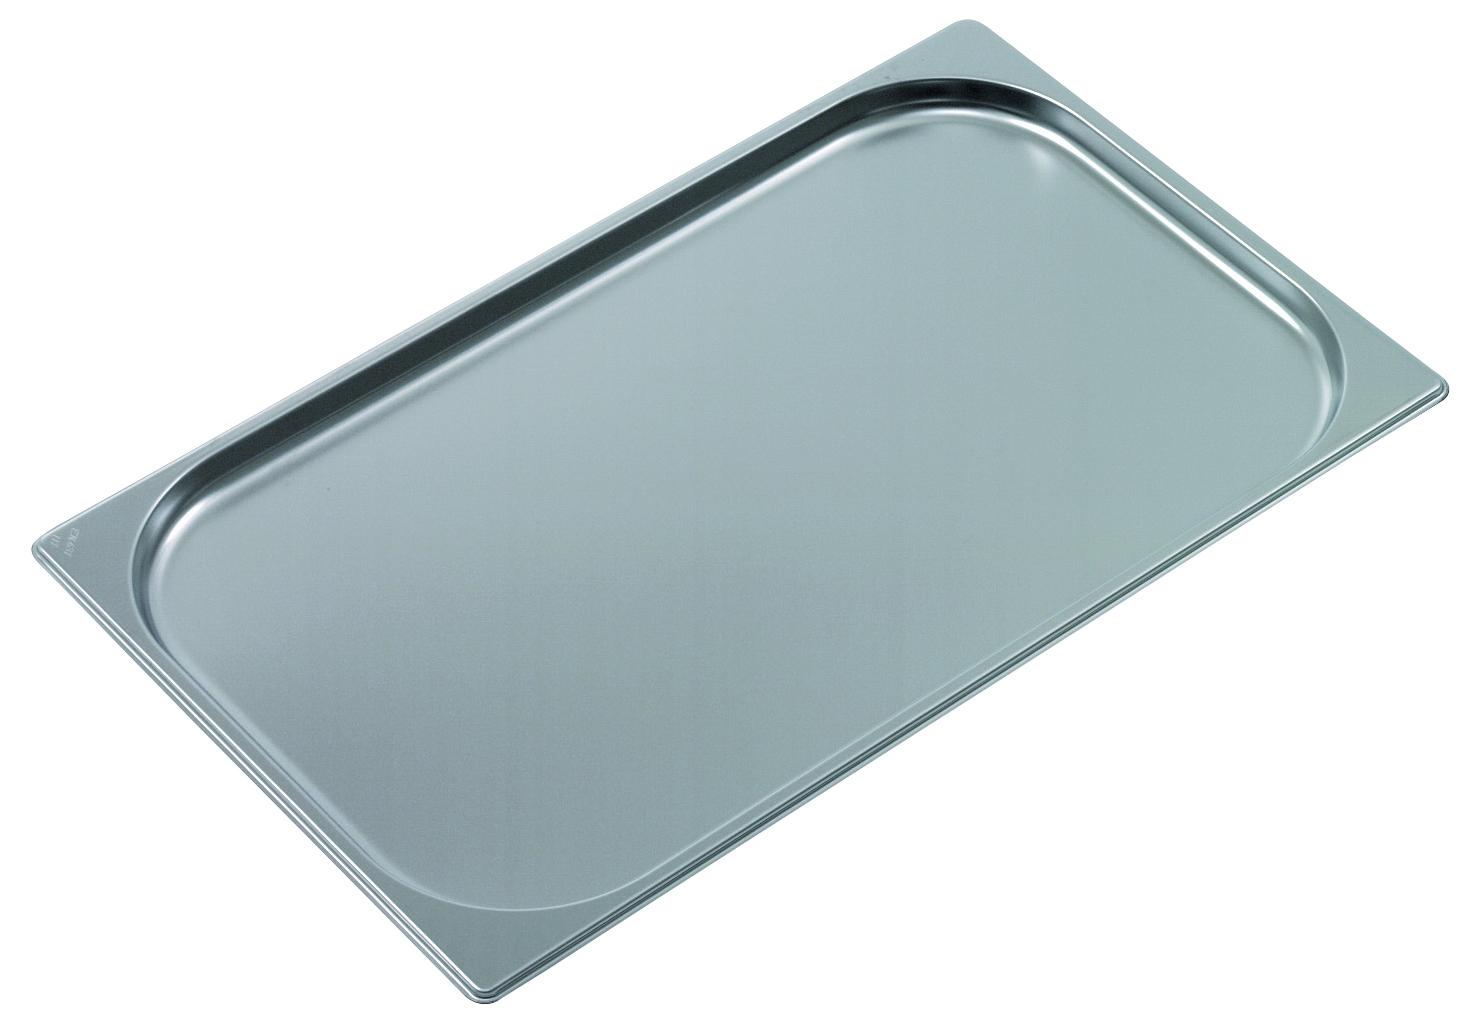 Bartcher Bakblik - 1/1 GN, 40 mm diep - met versterkte rand